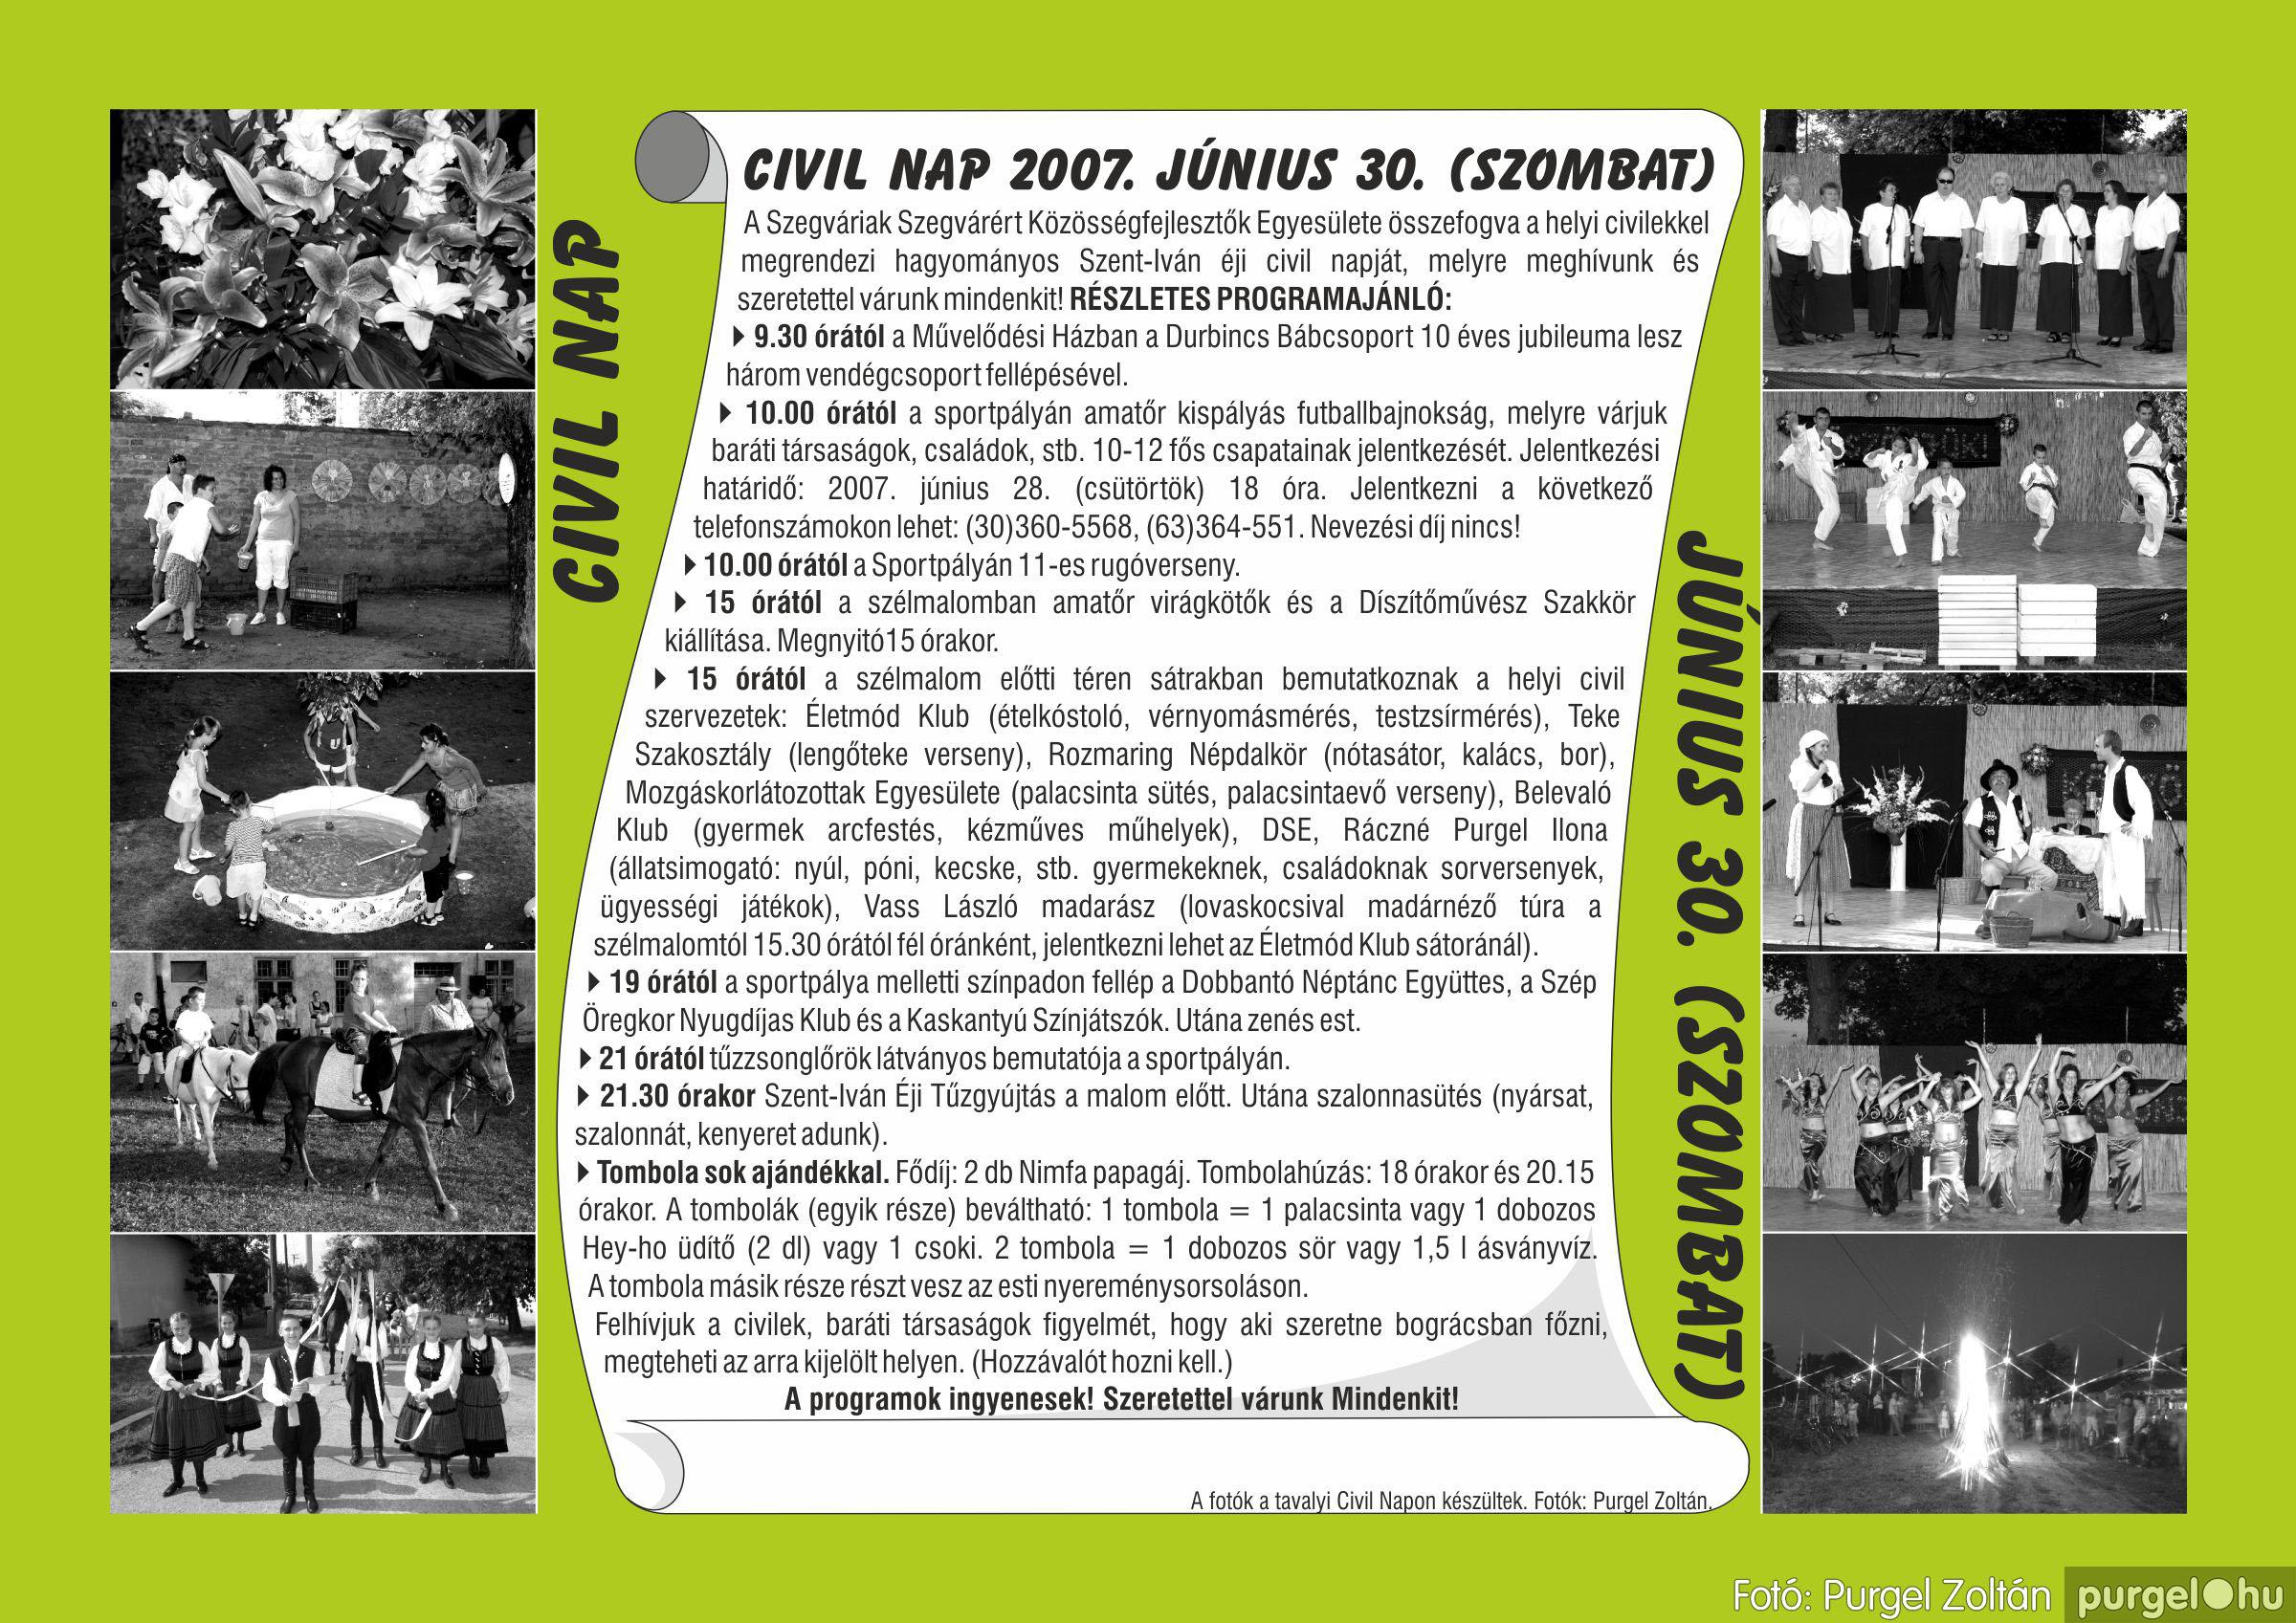 2007.06.30. Szegváriak Szegvárért Közösségfejlesztők Egyesülete - Civil nap 2007. - Készítette:PURGEL ZOLTÁN©.jpg